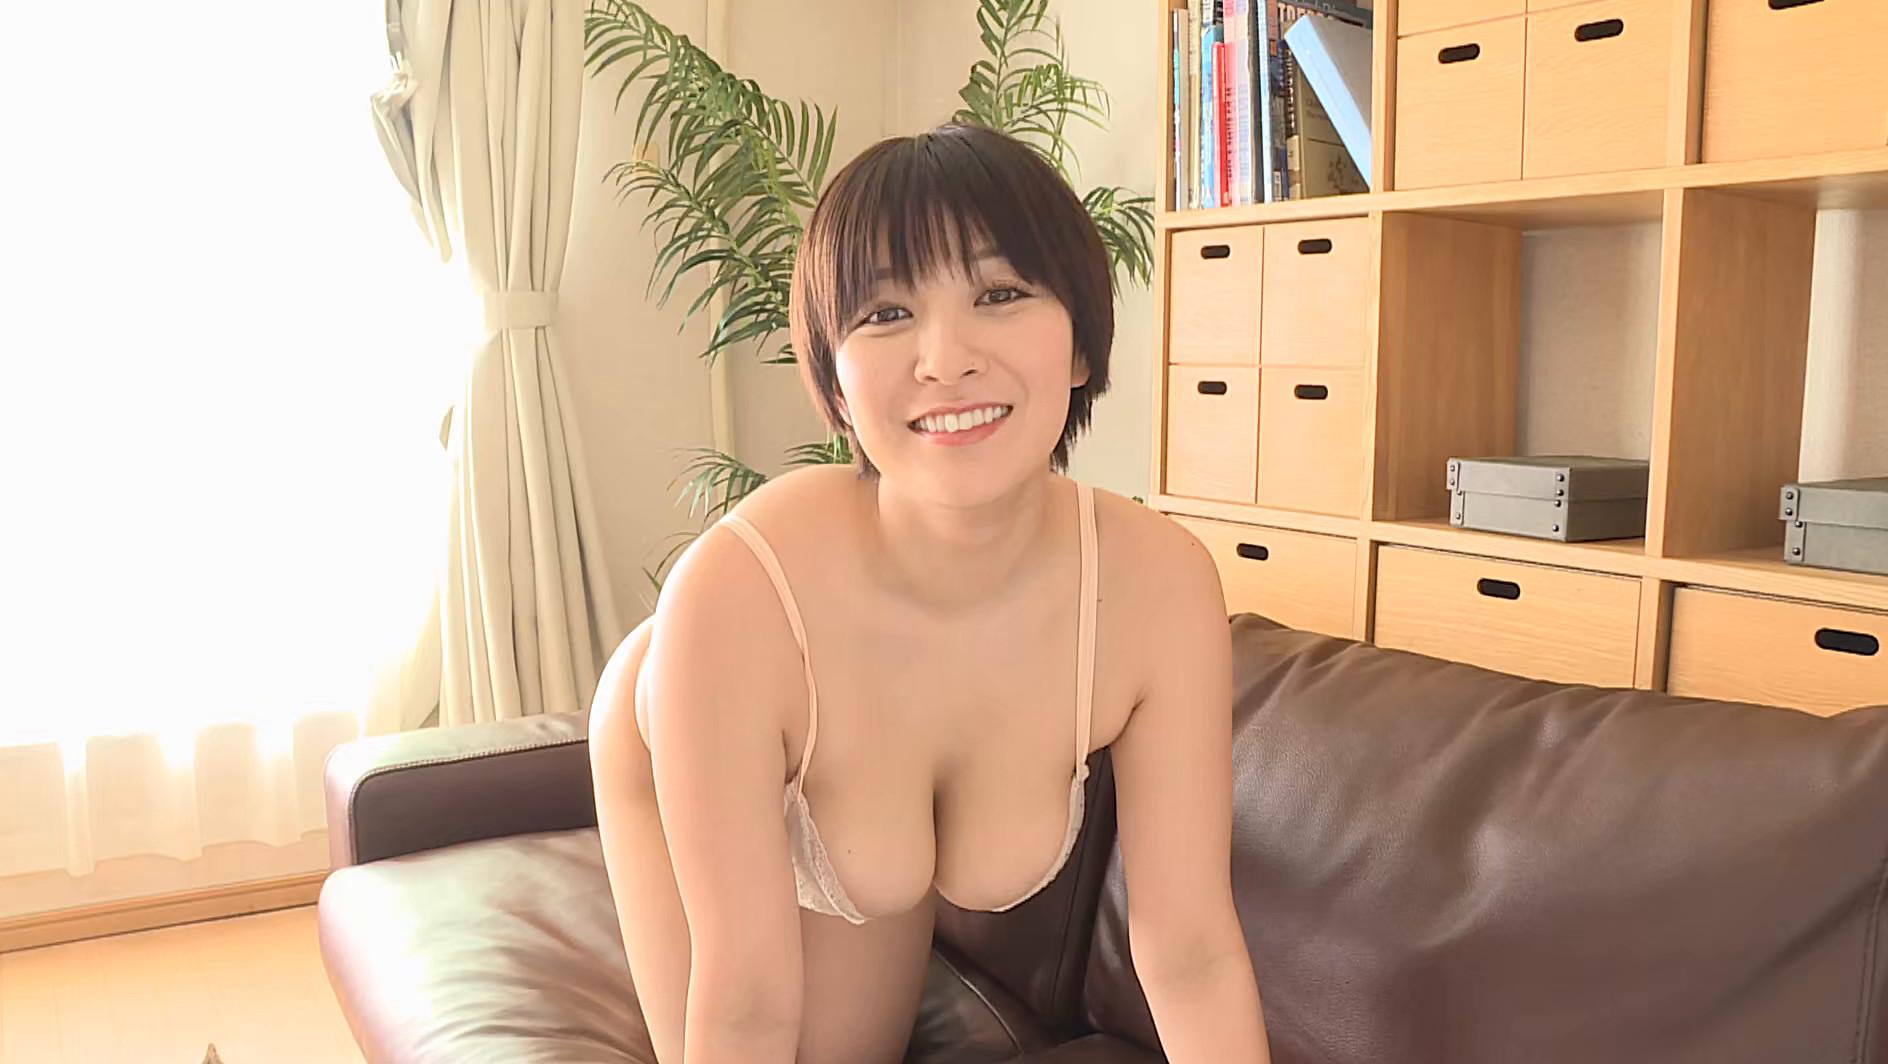 ハウスガール! 紺野栞14